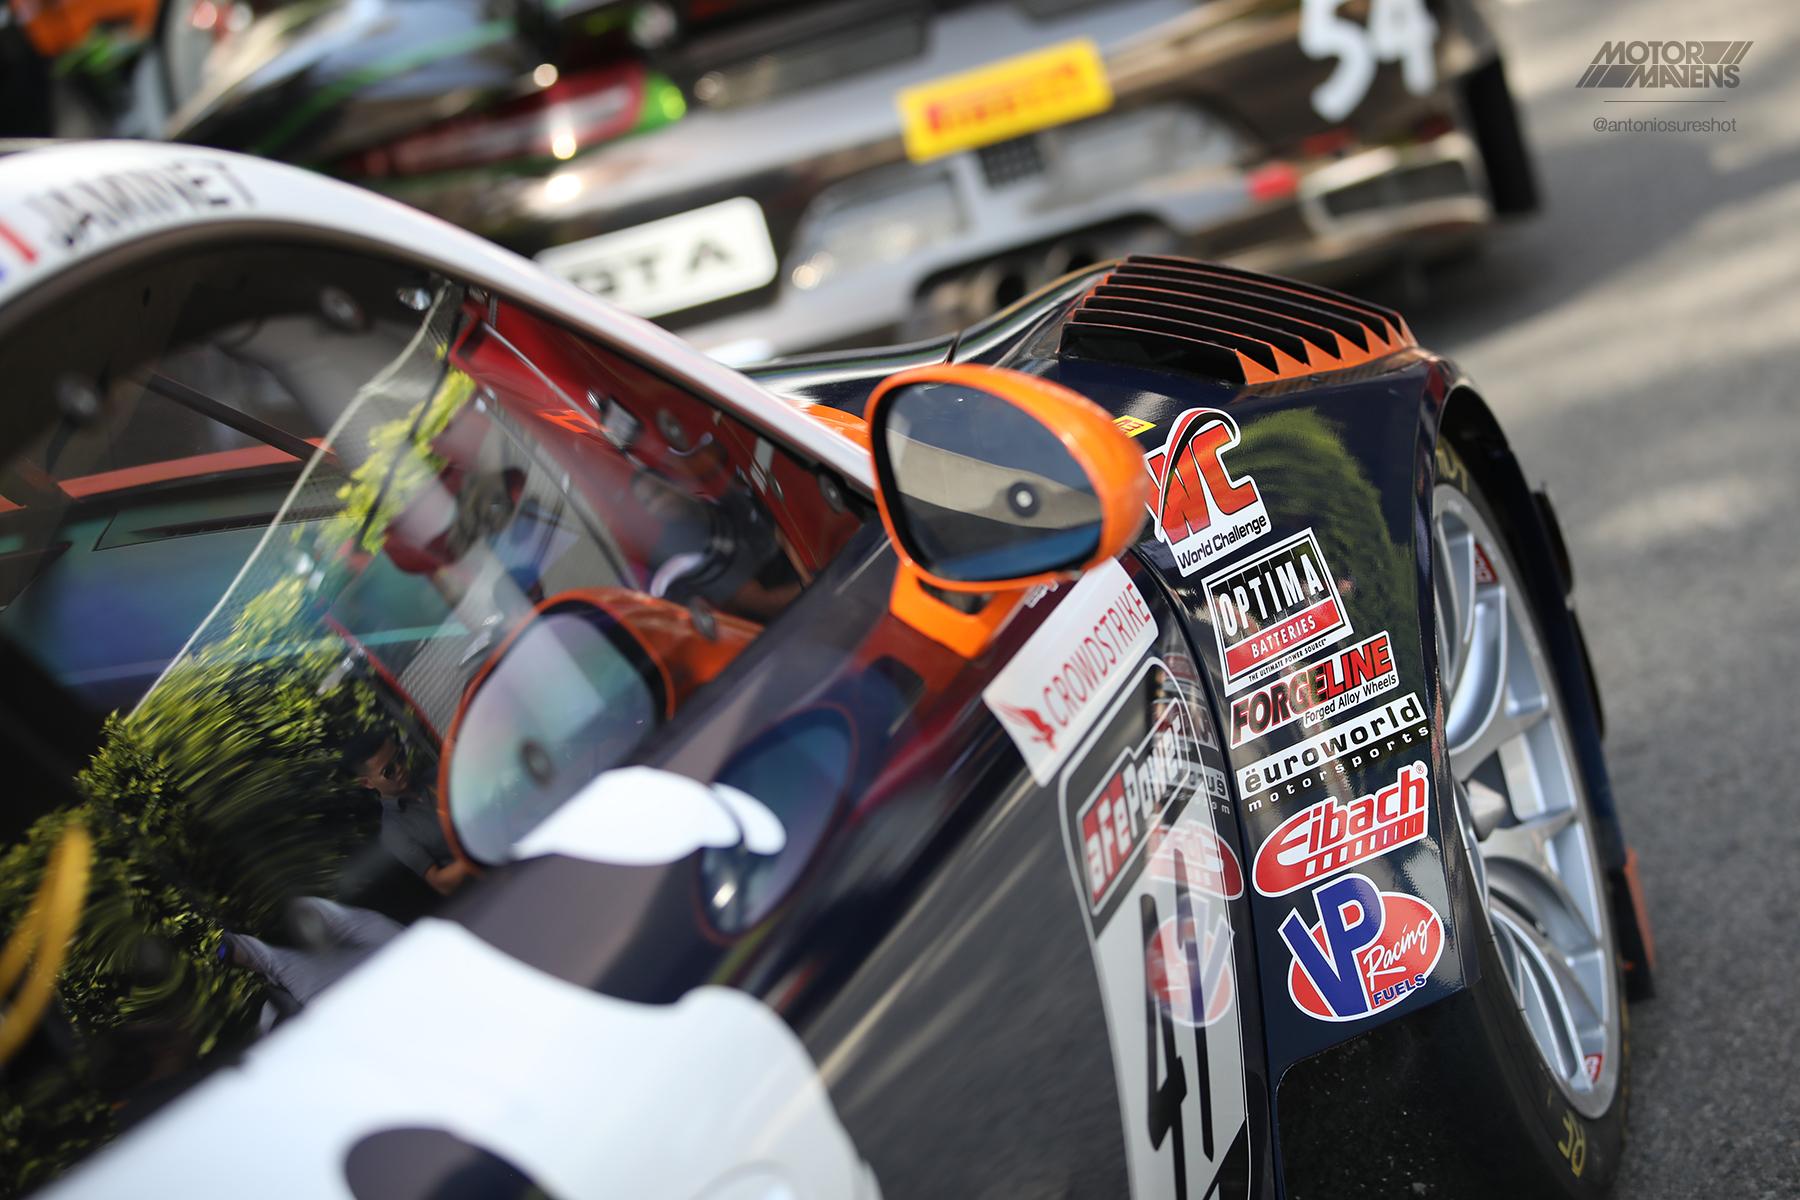 Pirelli World Challenge, Porsche 911 GT3R, Alec Udell, Euroworld Motorsports